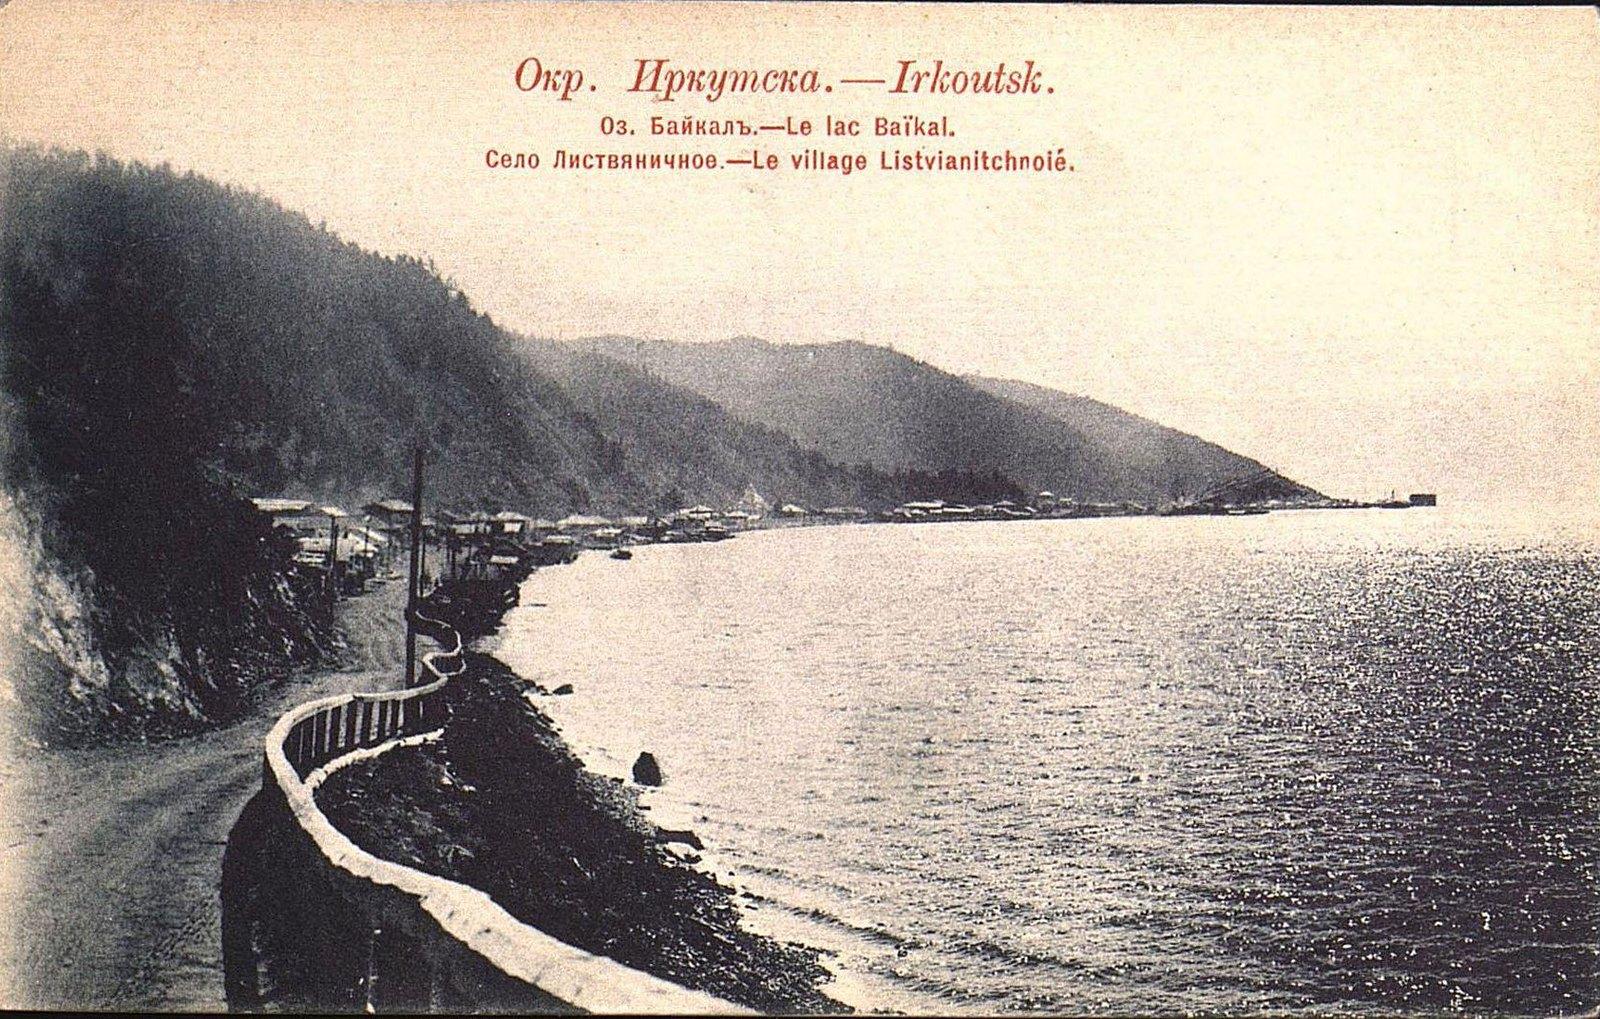 Окрестности Иркутска. Озеро Байкал. Село Листвяничное